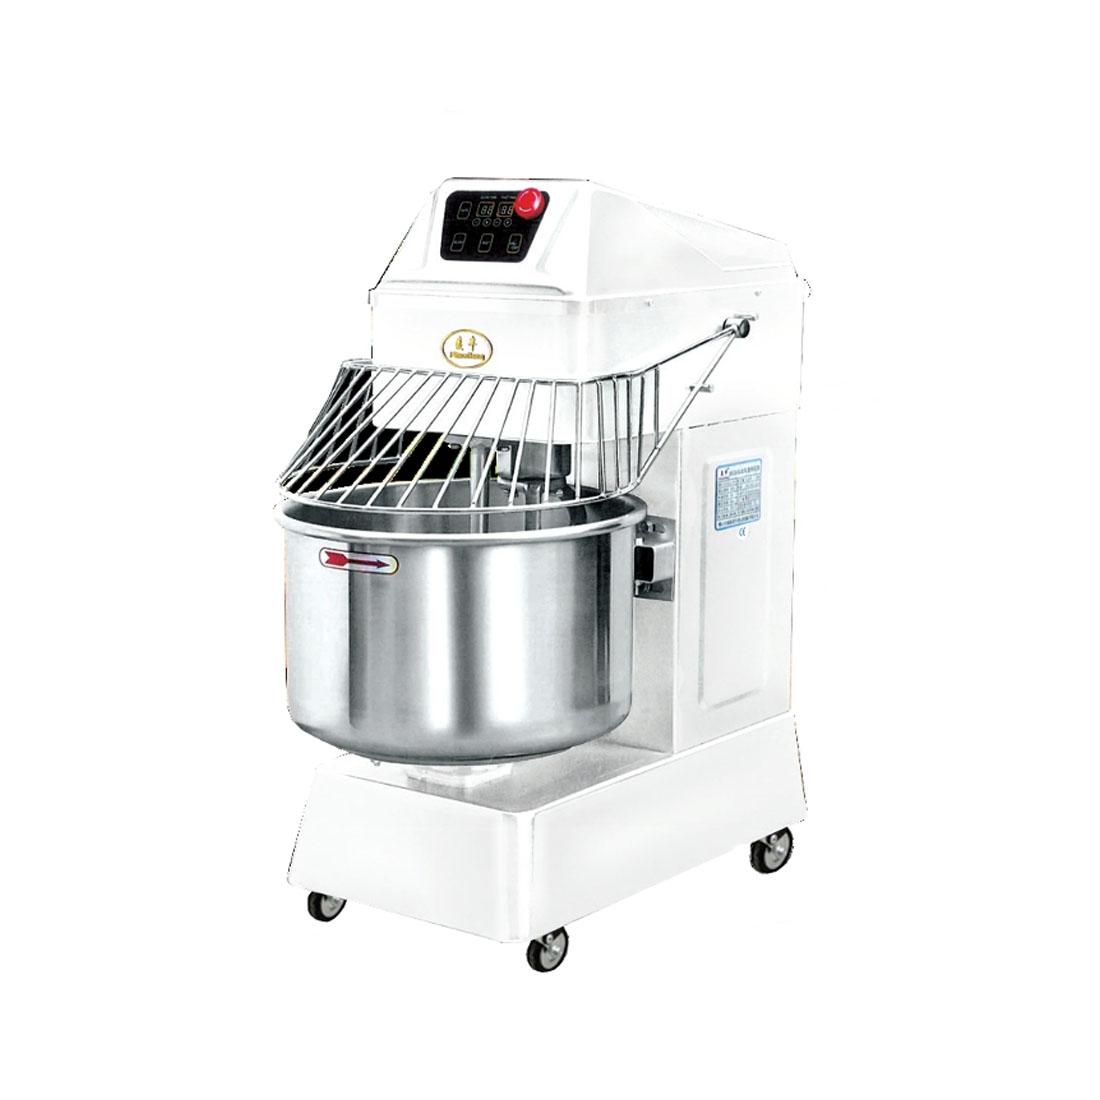 Spiral mixer single phase 100t bowl 40kg flour - FS100A